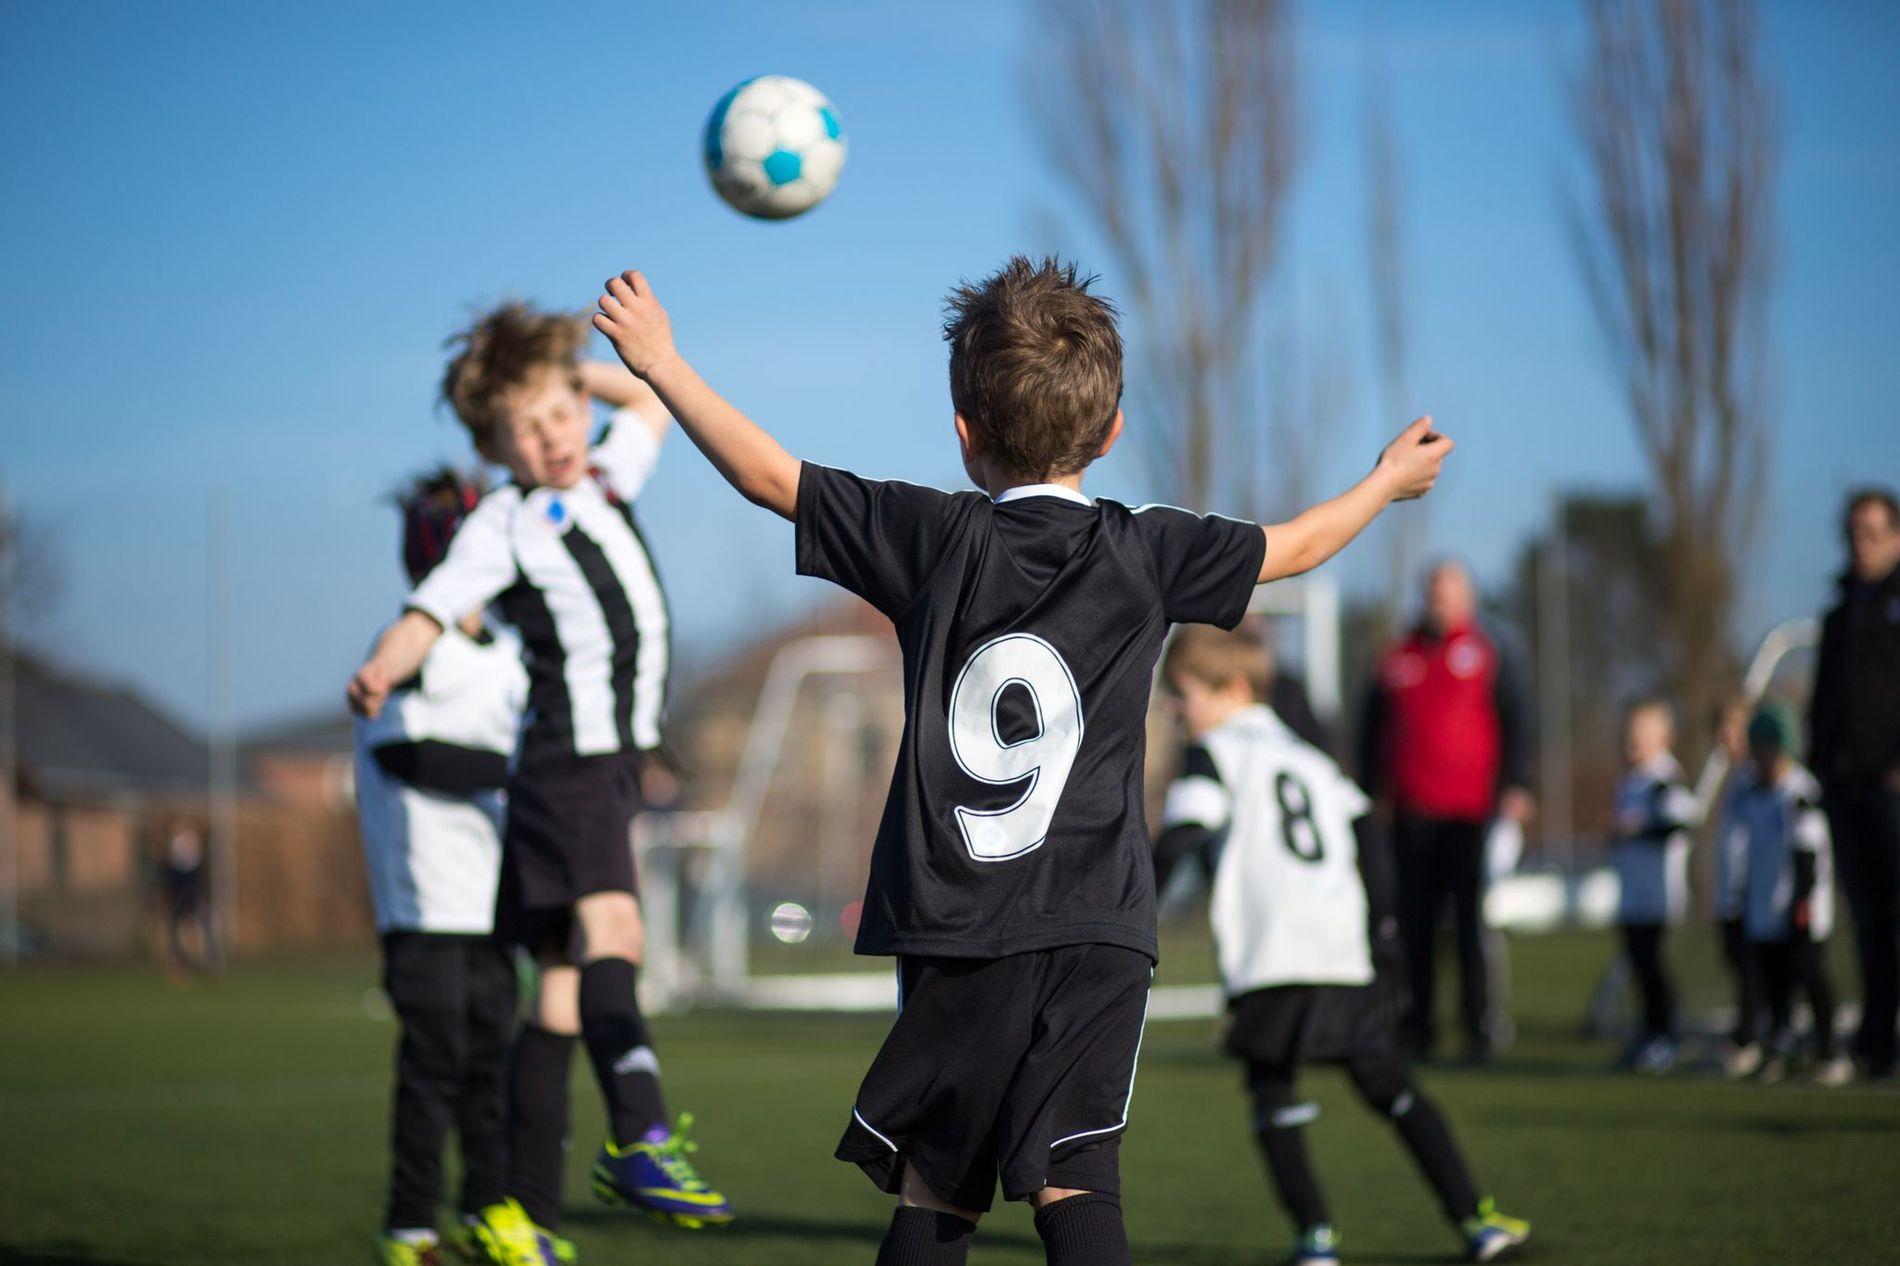 LIVET: For mange barn og unge er fotball selve livet. Det er der de puster, ler og utvikler seg. Vi foreldre og besteforeldre håper at du ser det, skriver innsender.